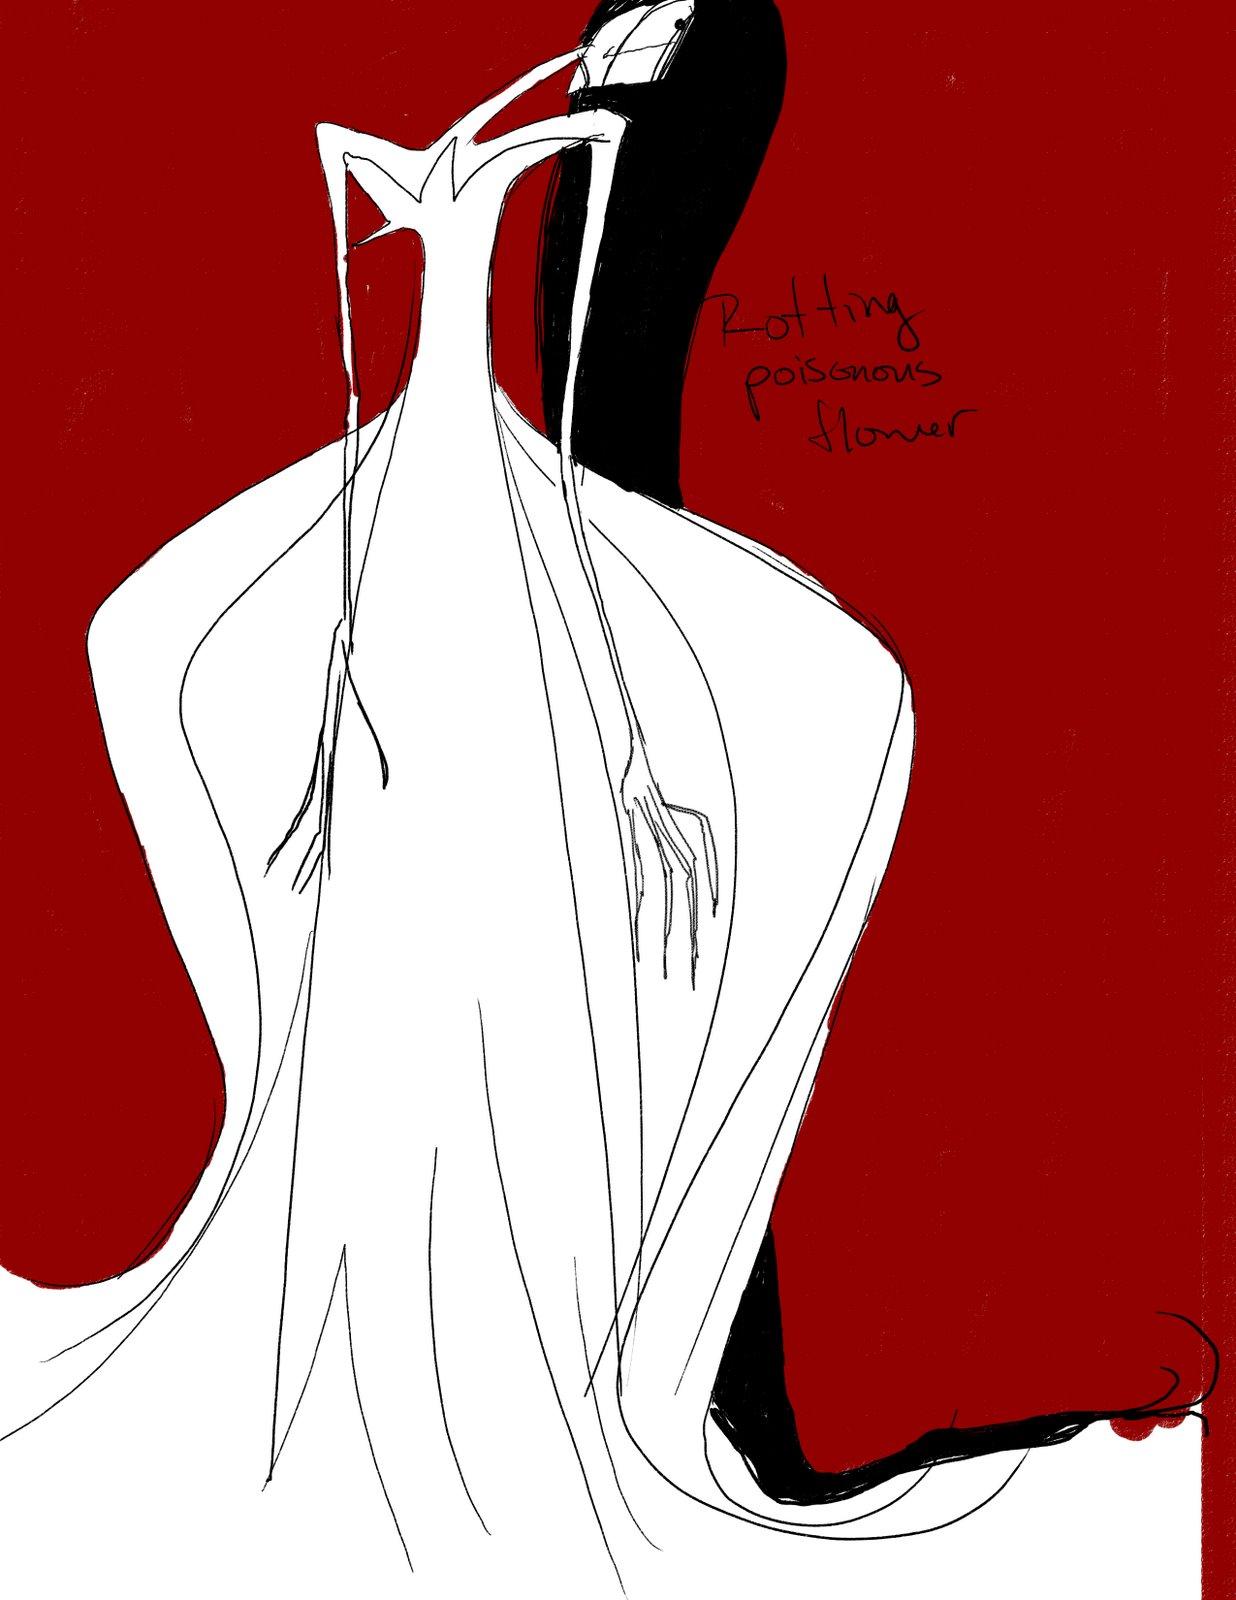 coraline-concept-art-character-design-200961.jpg